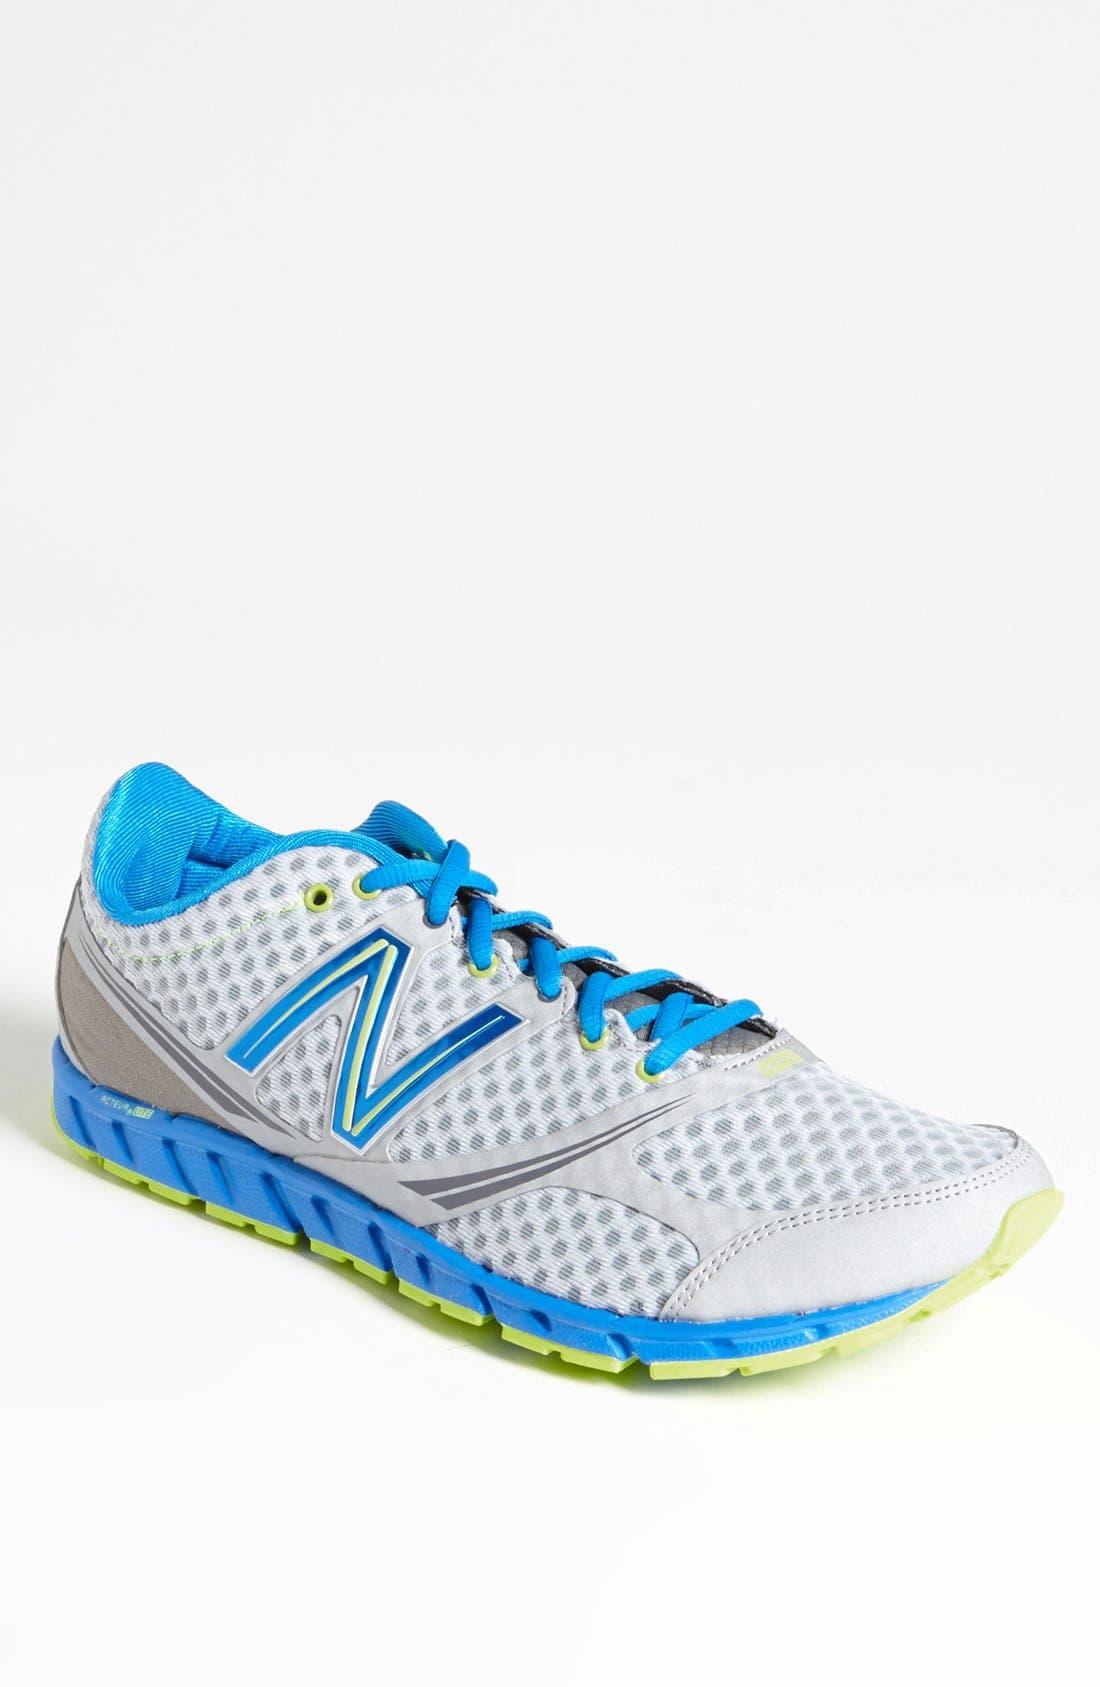 Alternate Image 1 Selected - New Balance '730v2' Running Shoe (Men)